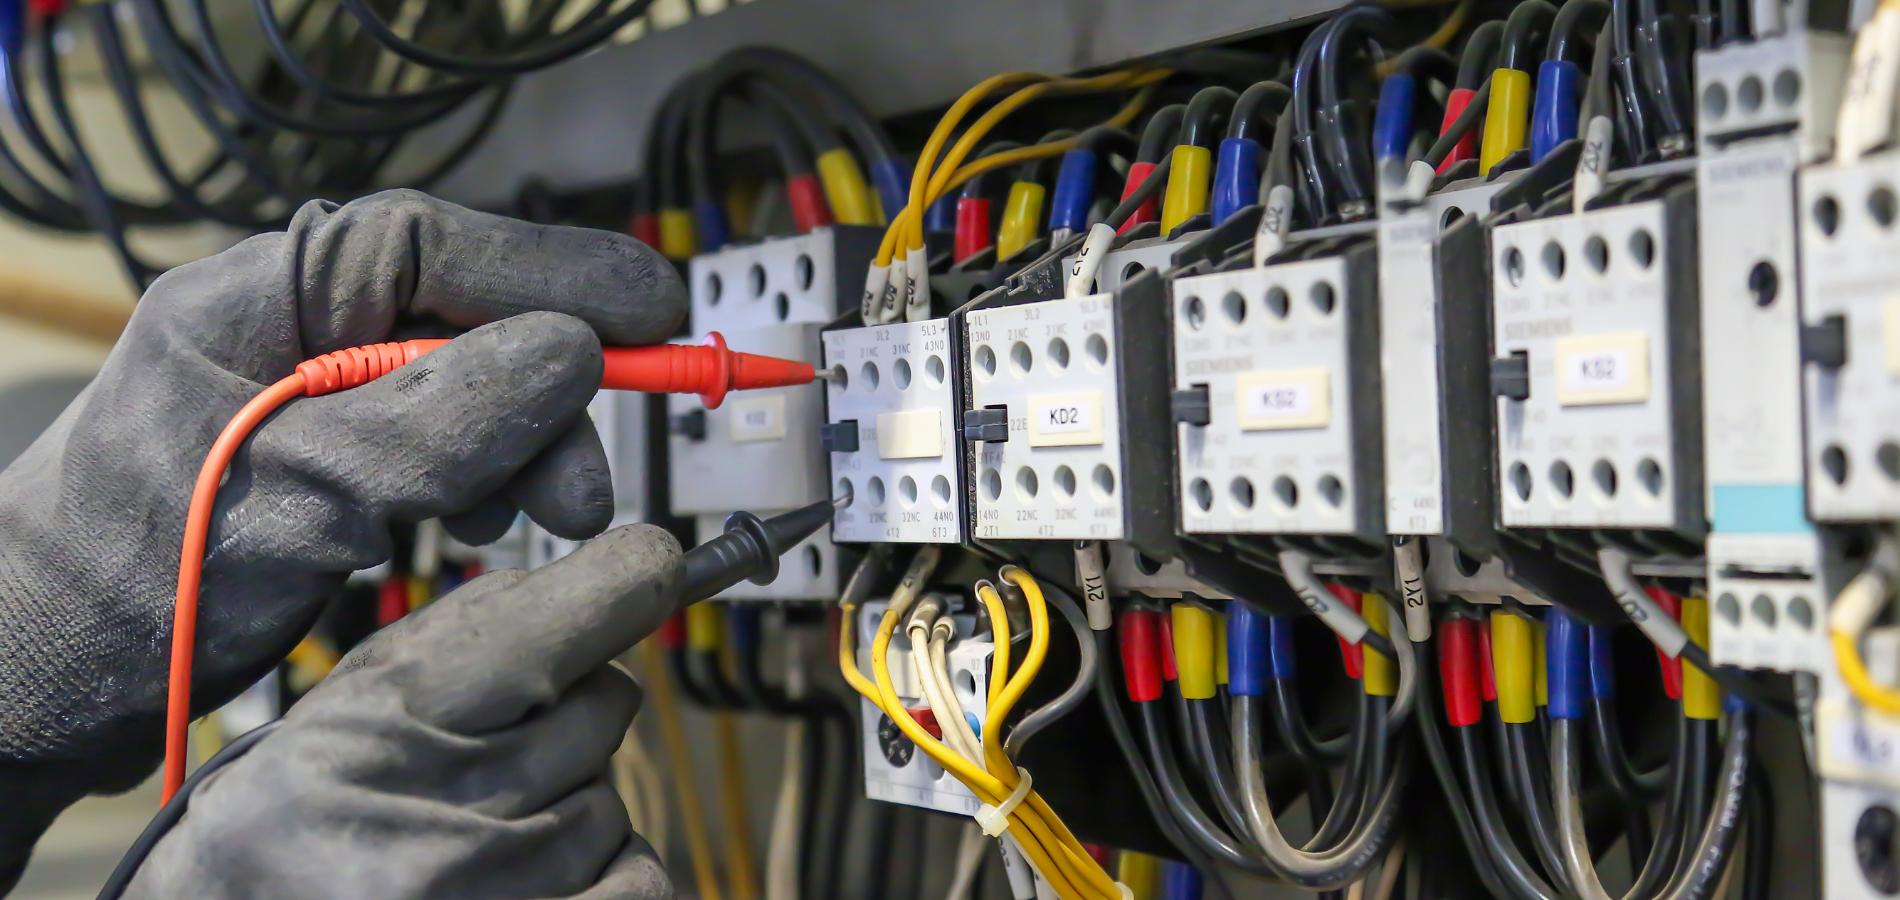 Tendencias en la medición de calidad del suministro eléctrico